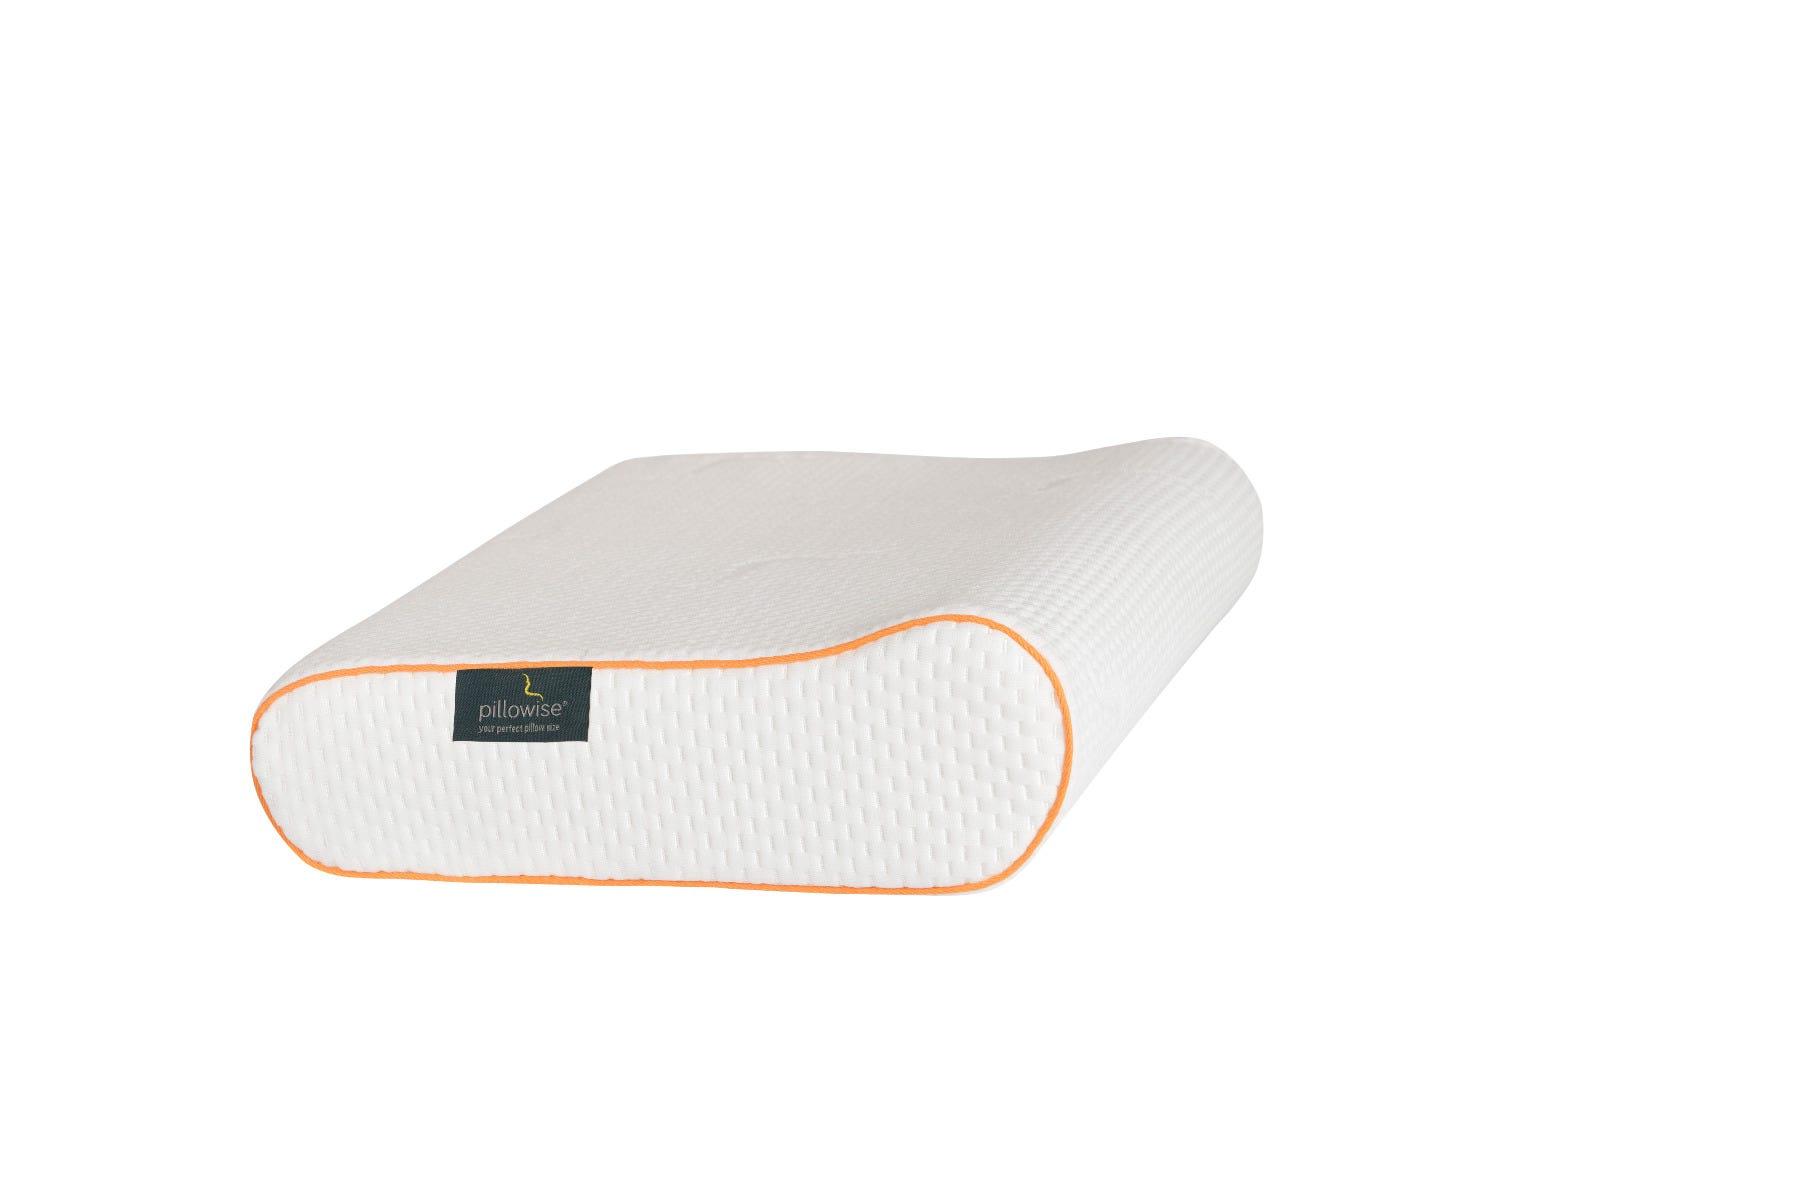 Pillowise® Almohada terapéutica en naranja